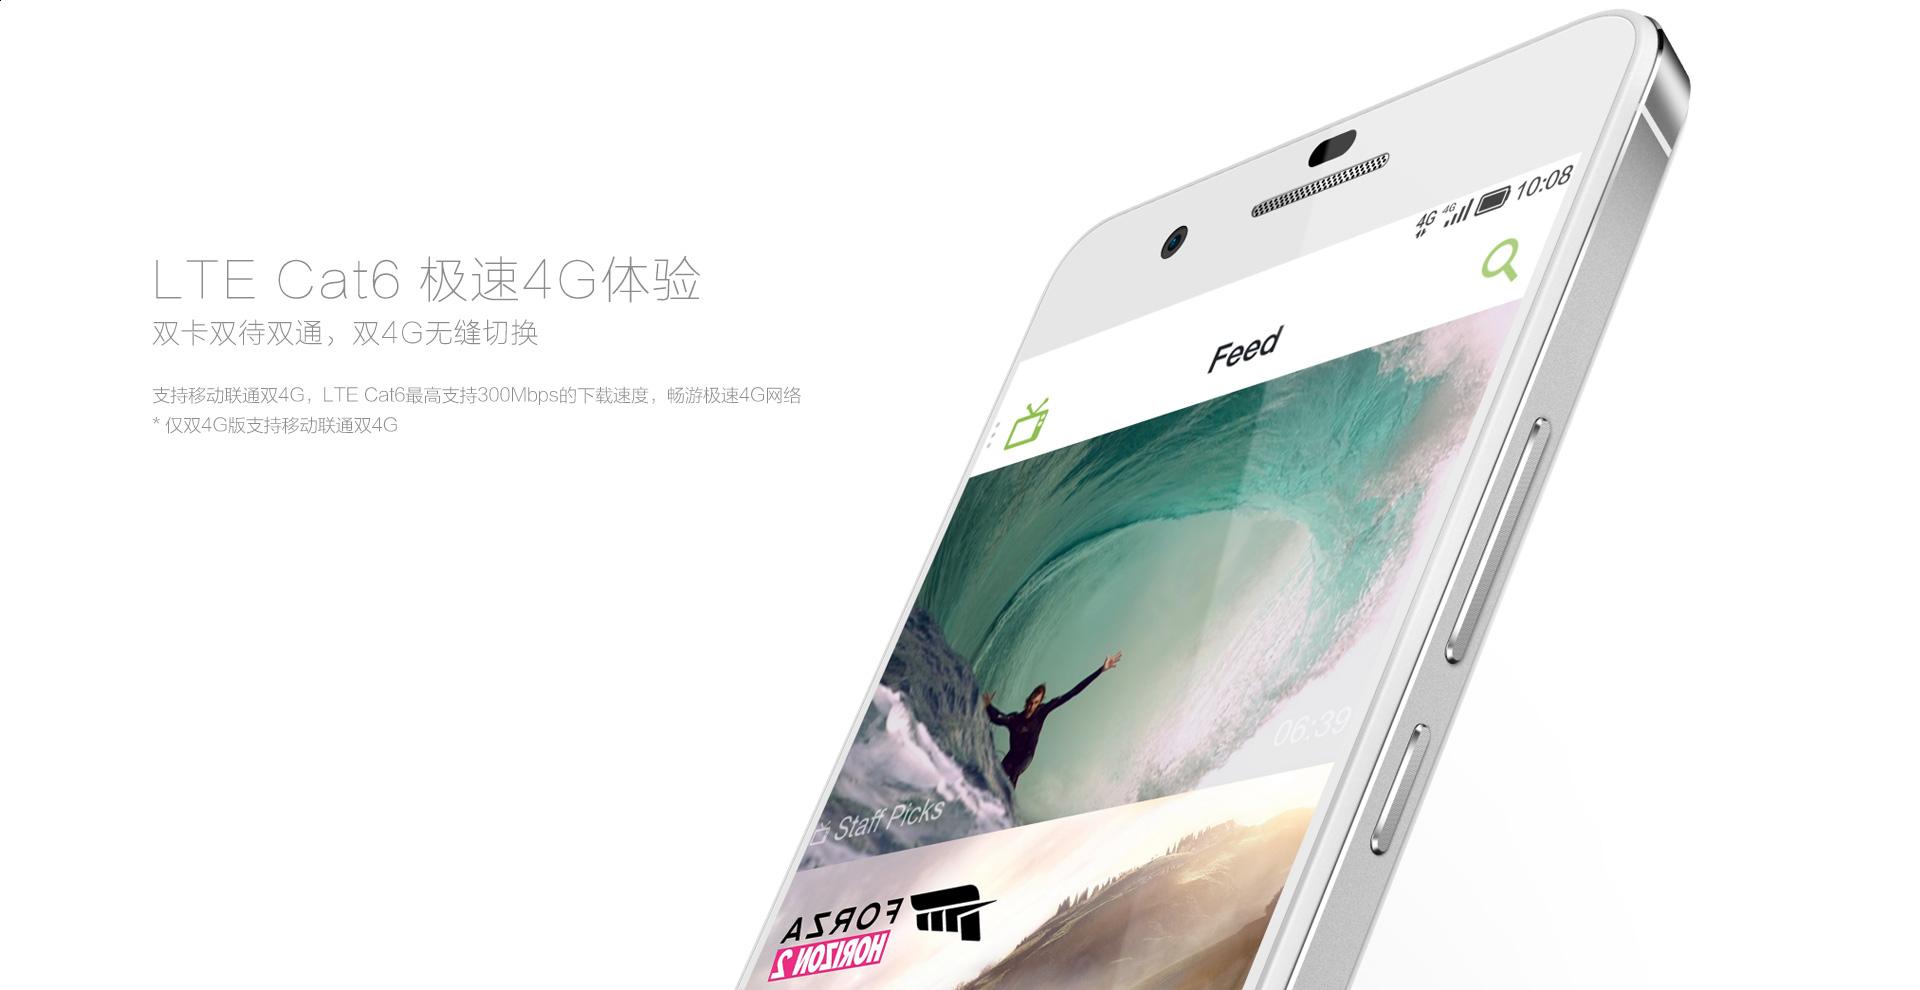 造型设计能够 跟iPhone6Plus匹敌的国产智能手机都有哪些?